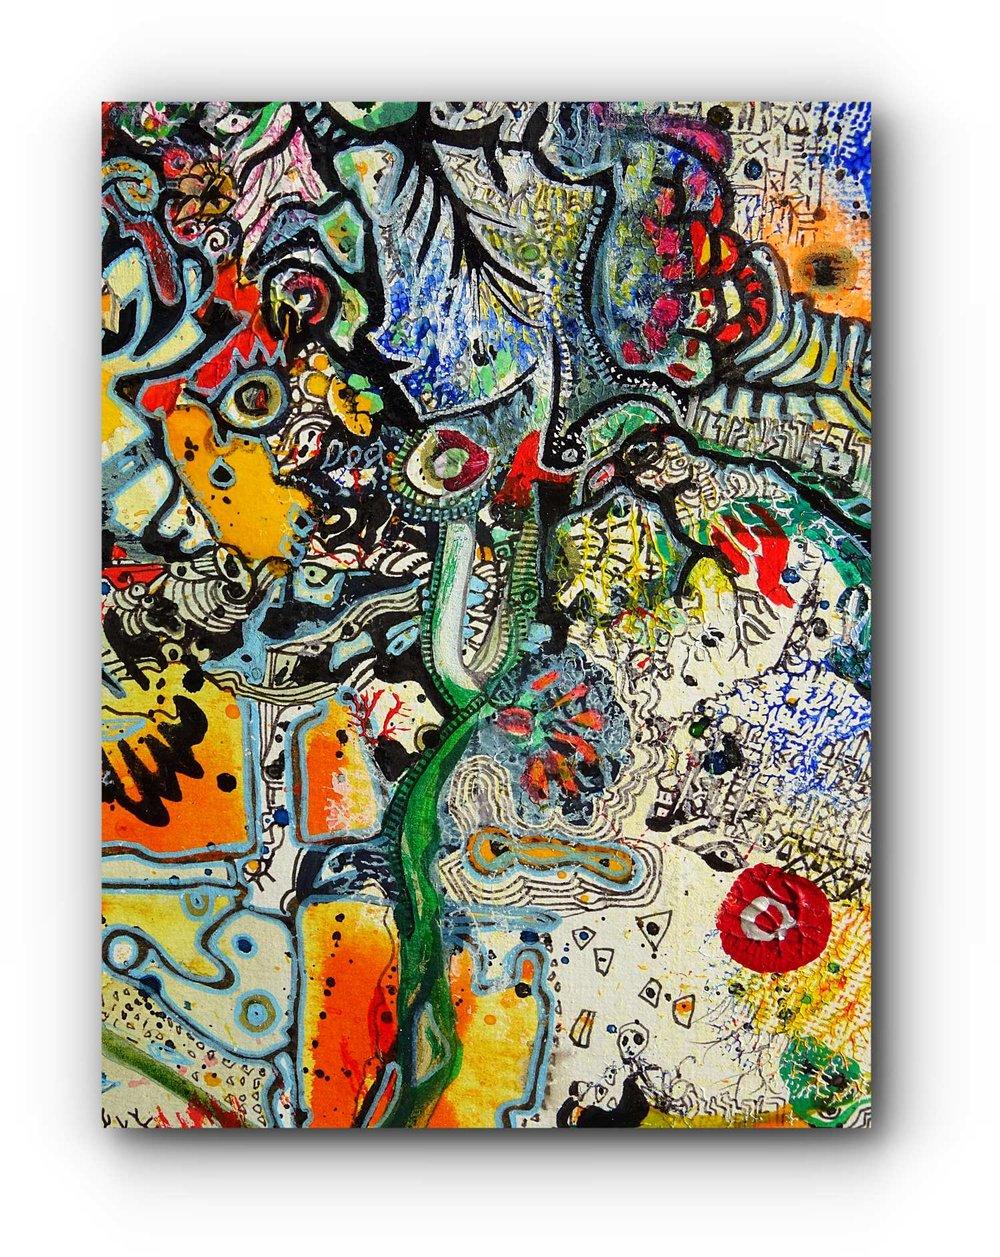 painting-detail-9-medeina-artist-duo-ingress-vortices.jpg